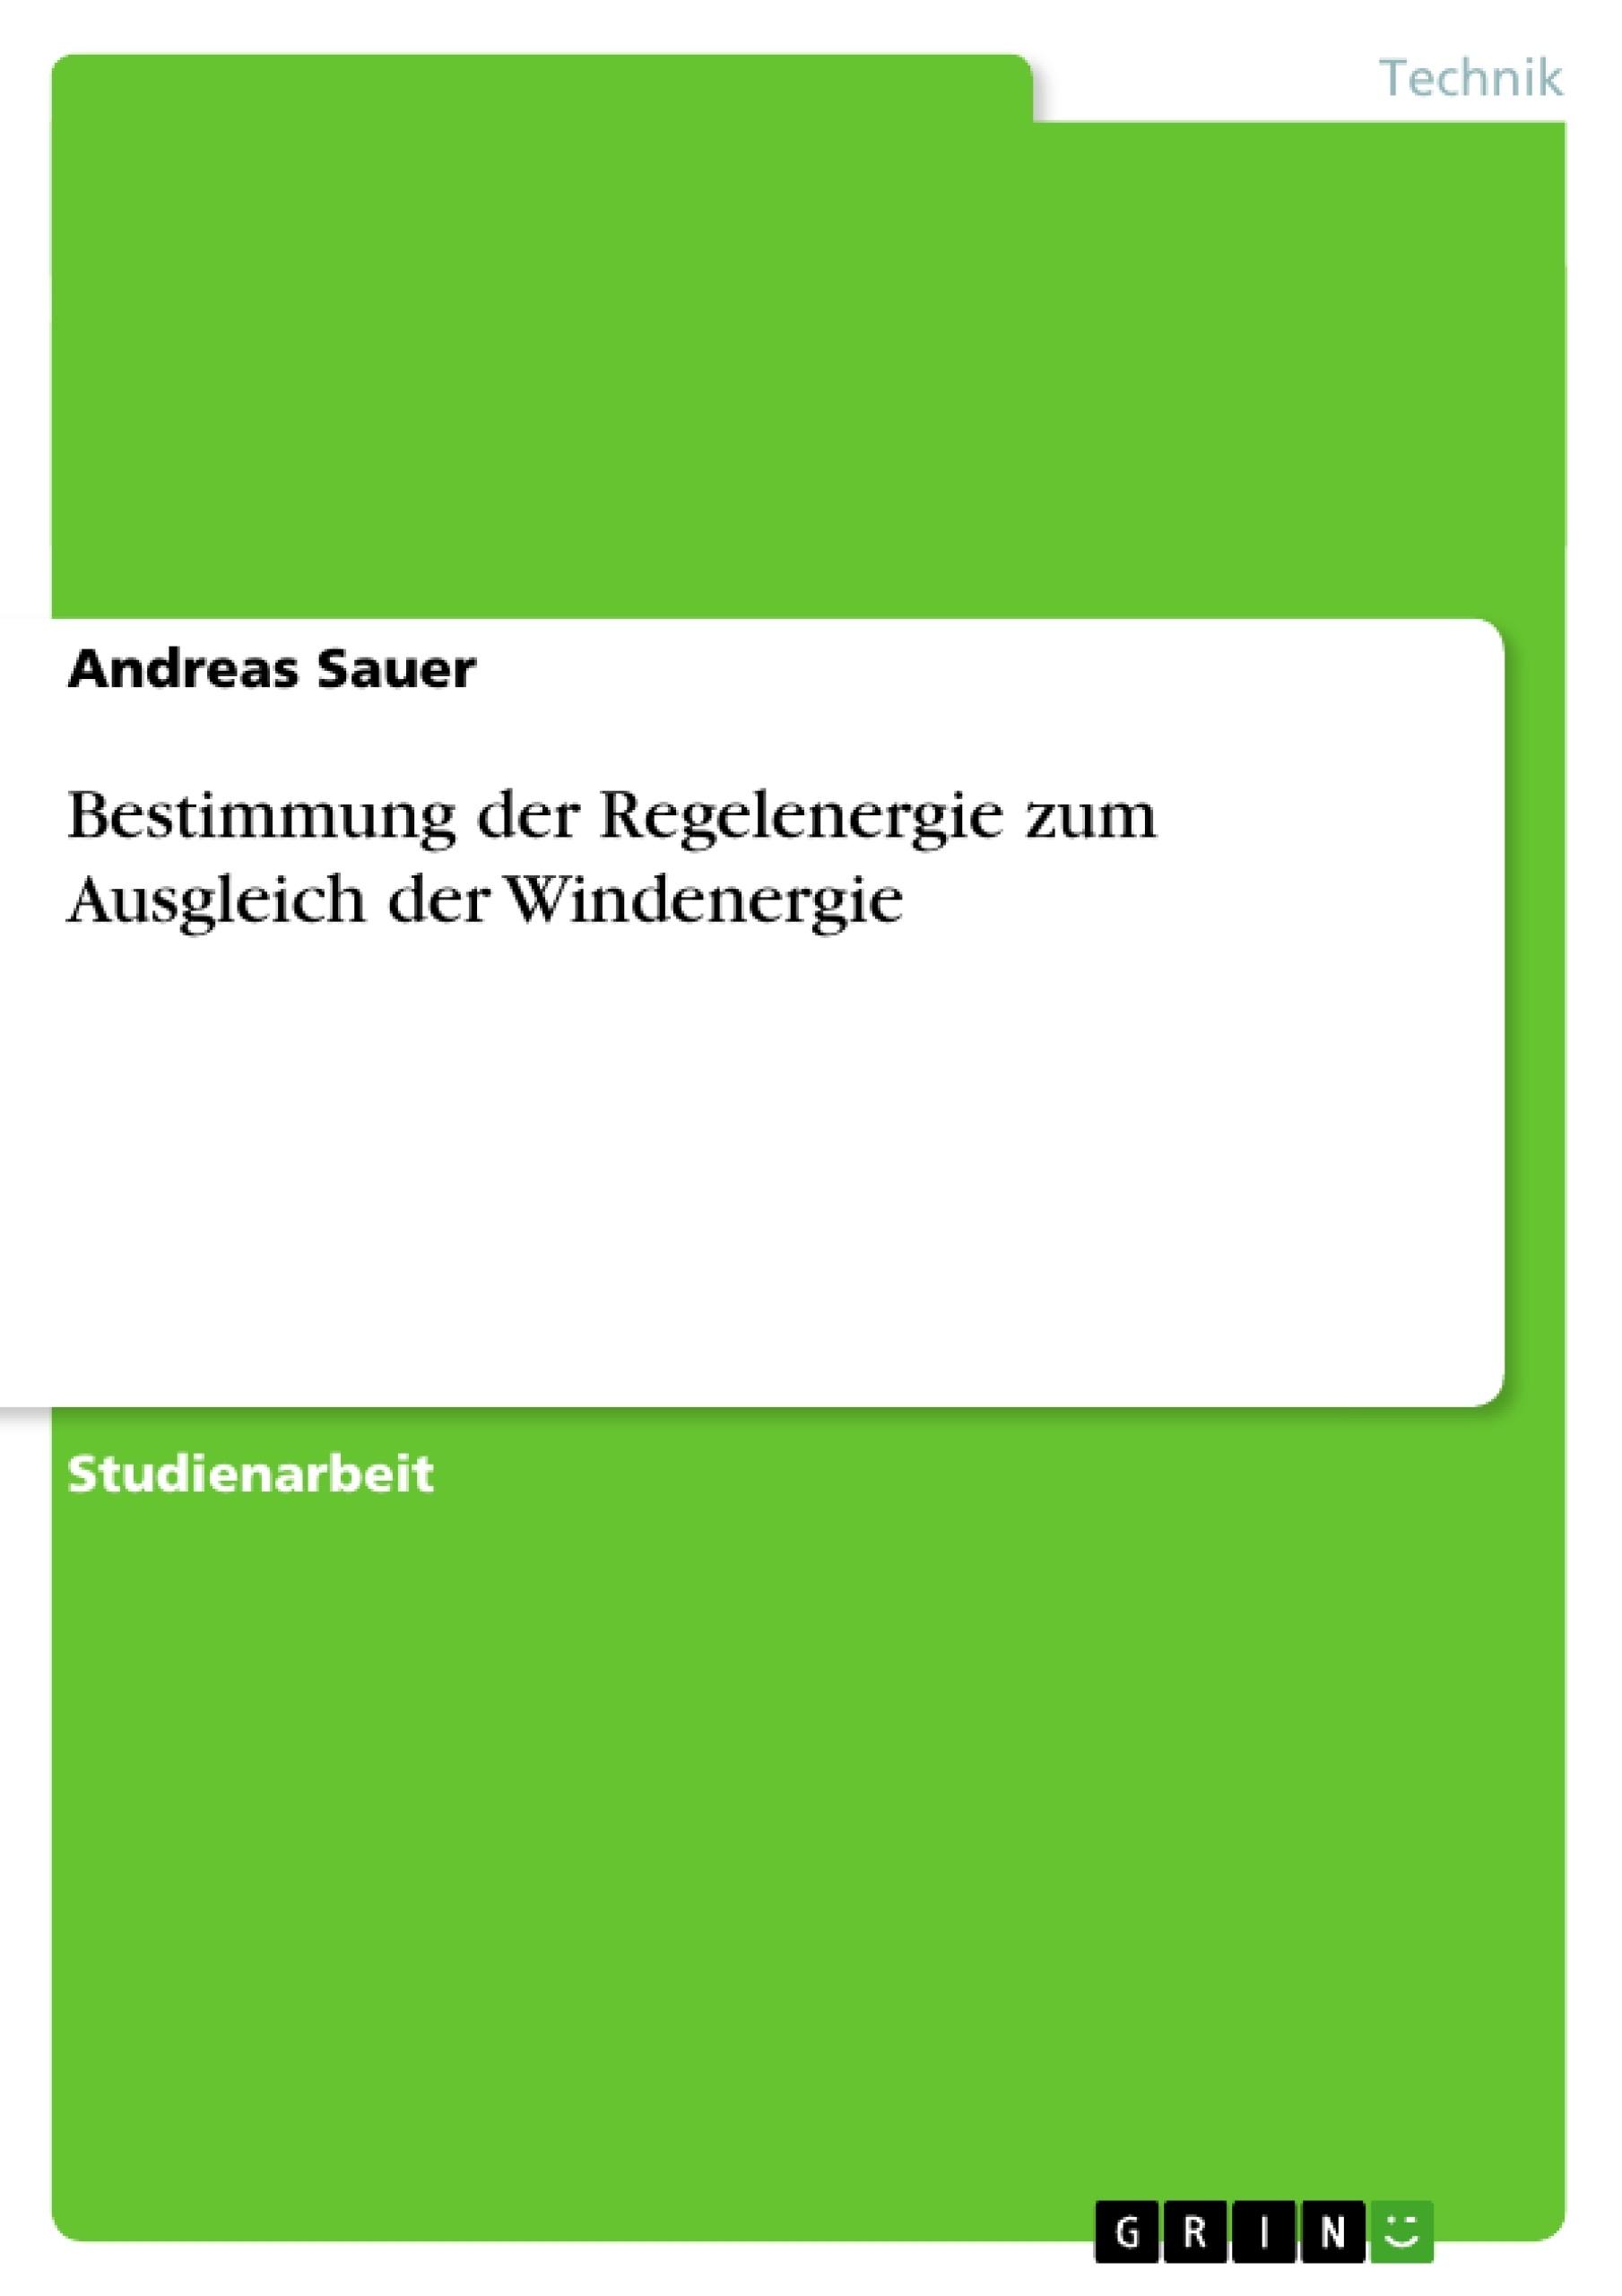 Titel: Bestimmung der Regelenergie zum Ausgleich der Windenergie